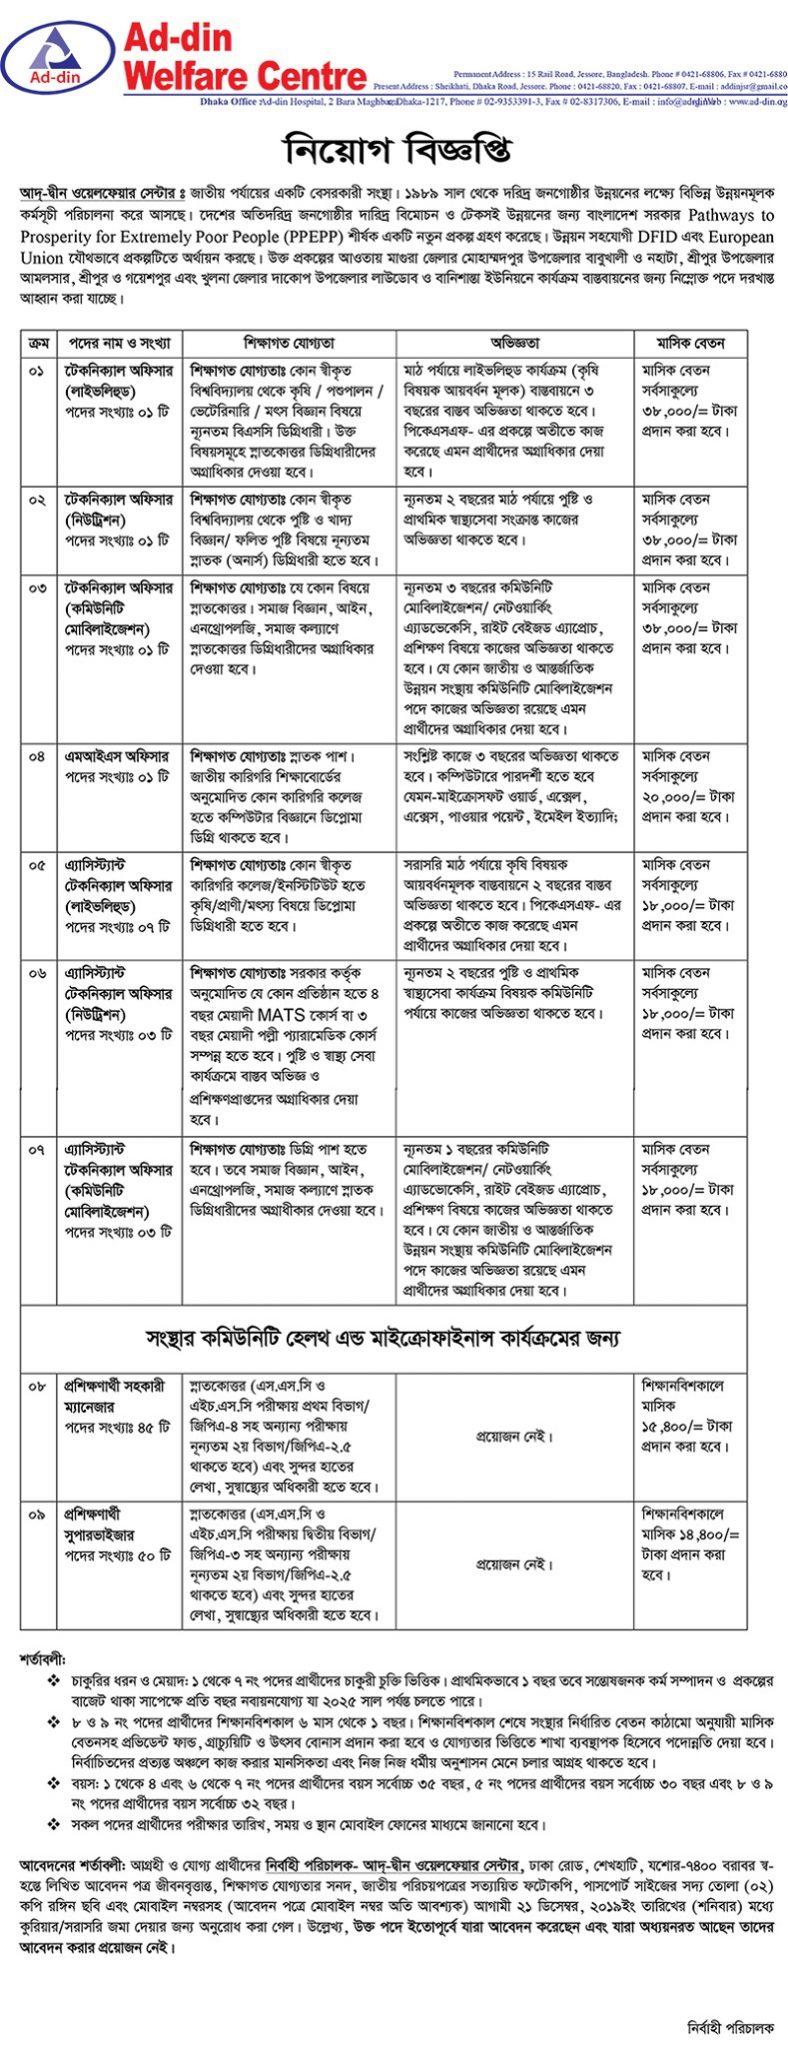 Ad-din Foundation Job Circular 2019